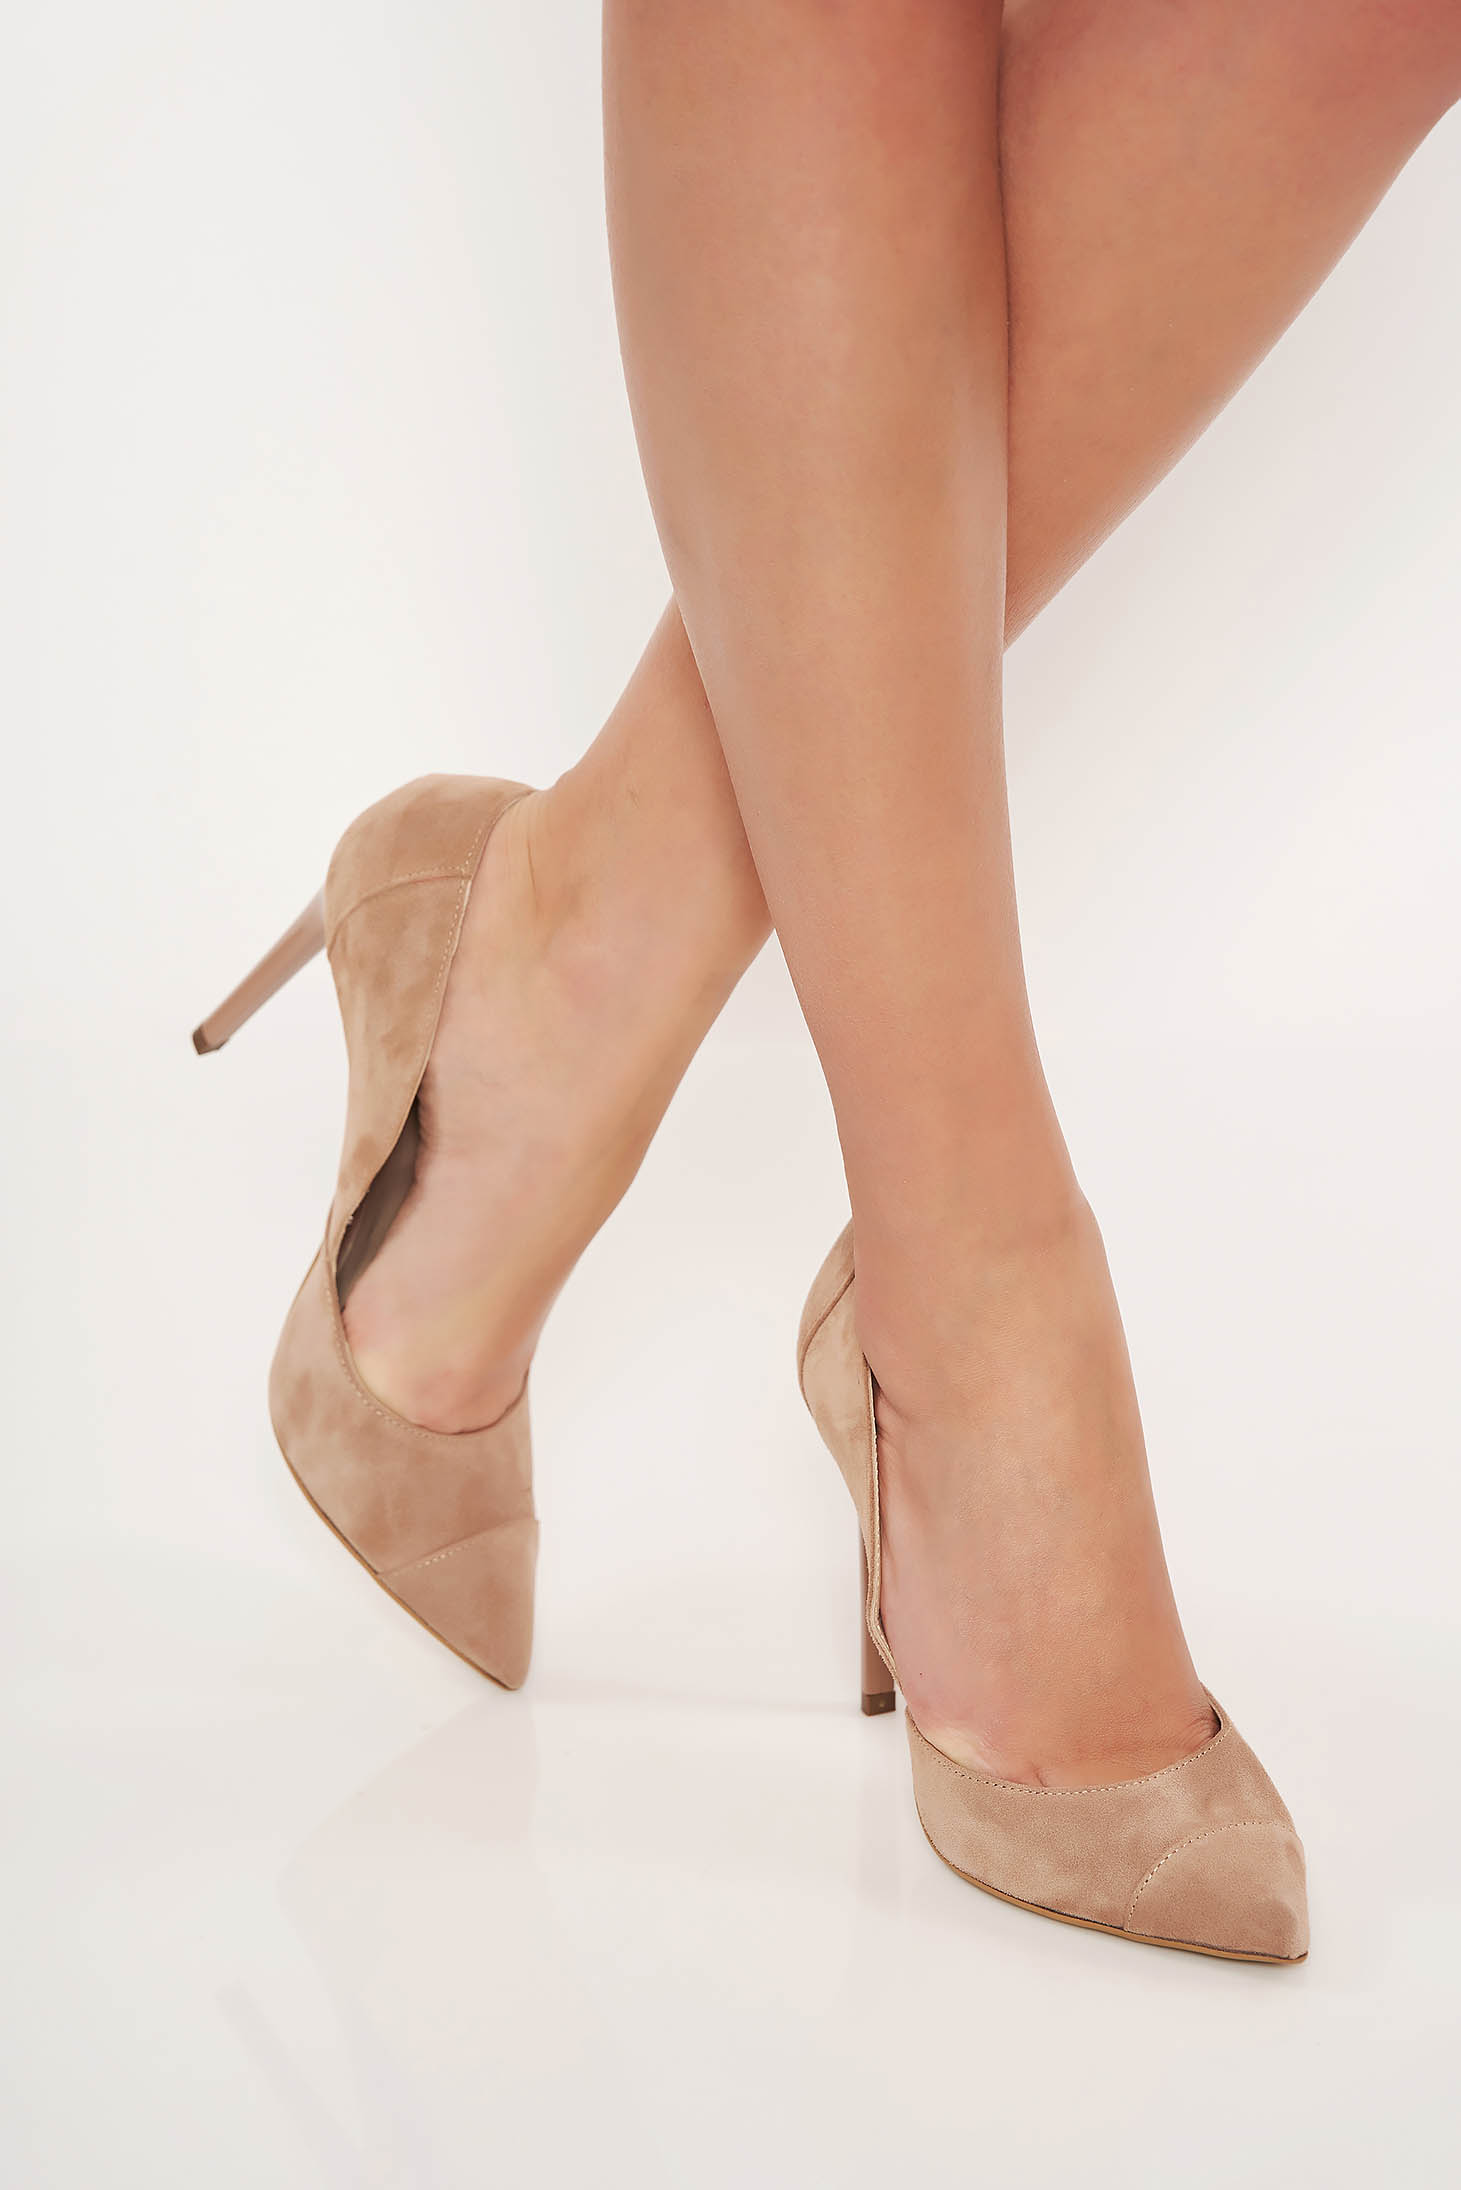 Krémszínű magassarkú valódi bőrből készült elegáns cipő fordított bőr felsőrésszel enyhén hegyes orral